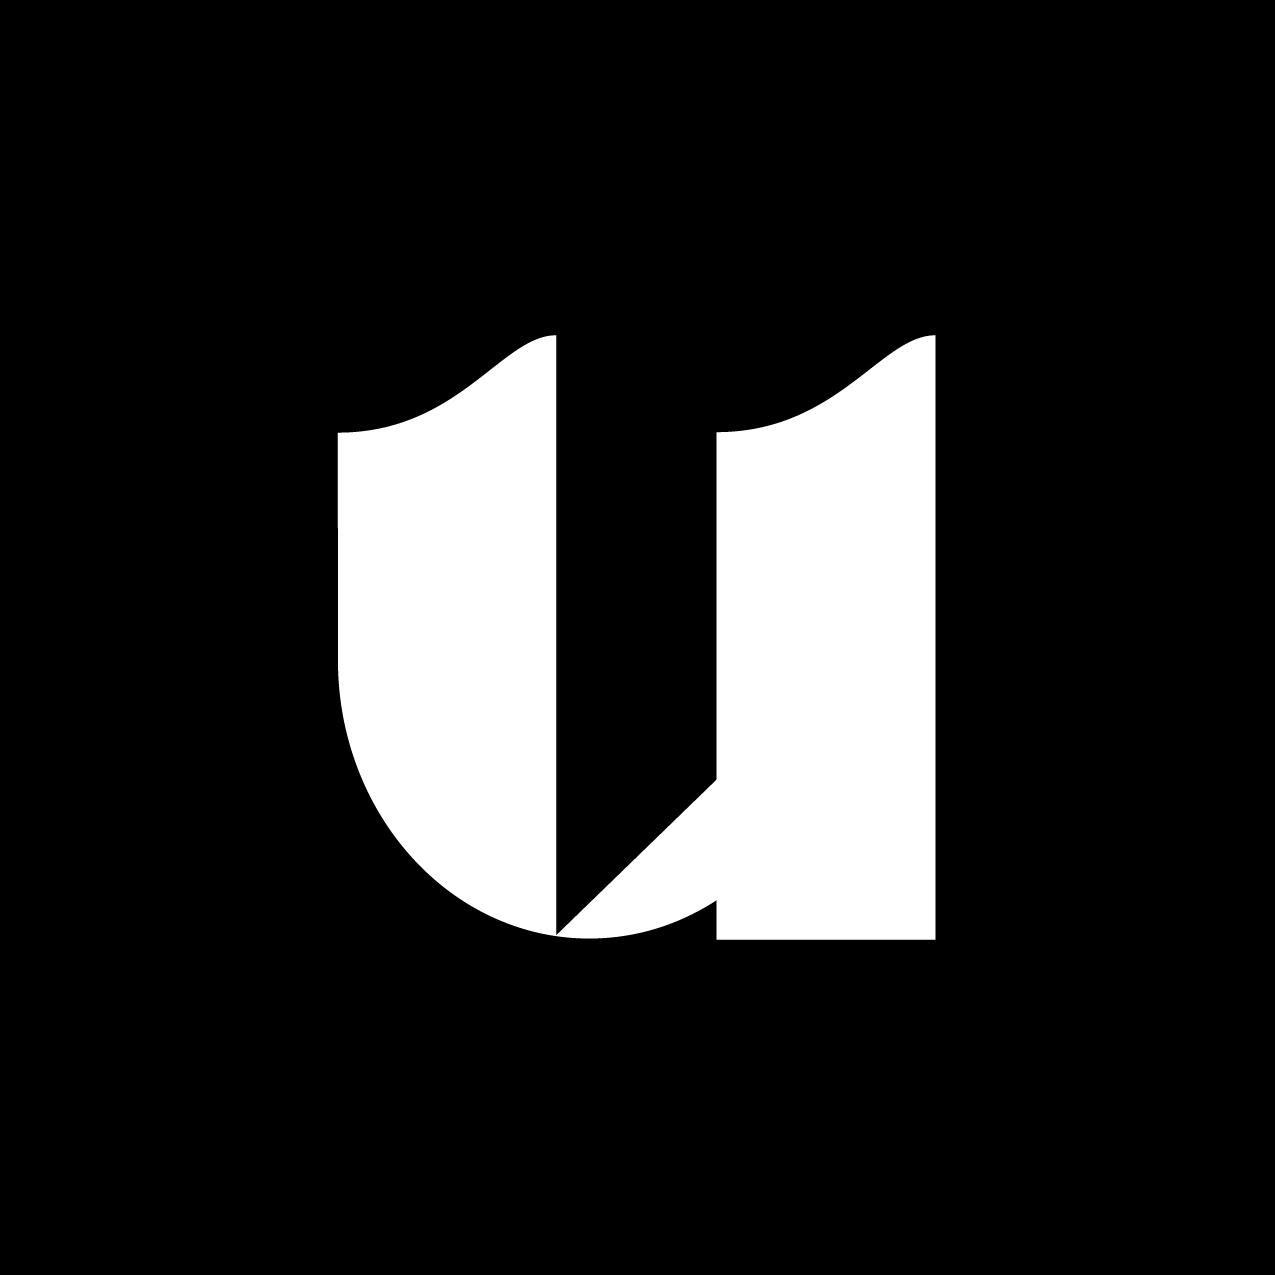 Letter U10 Design by Furia